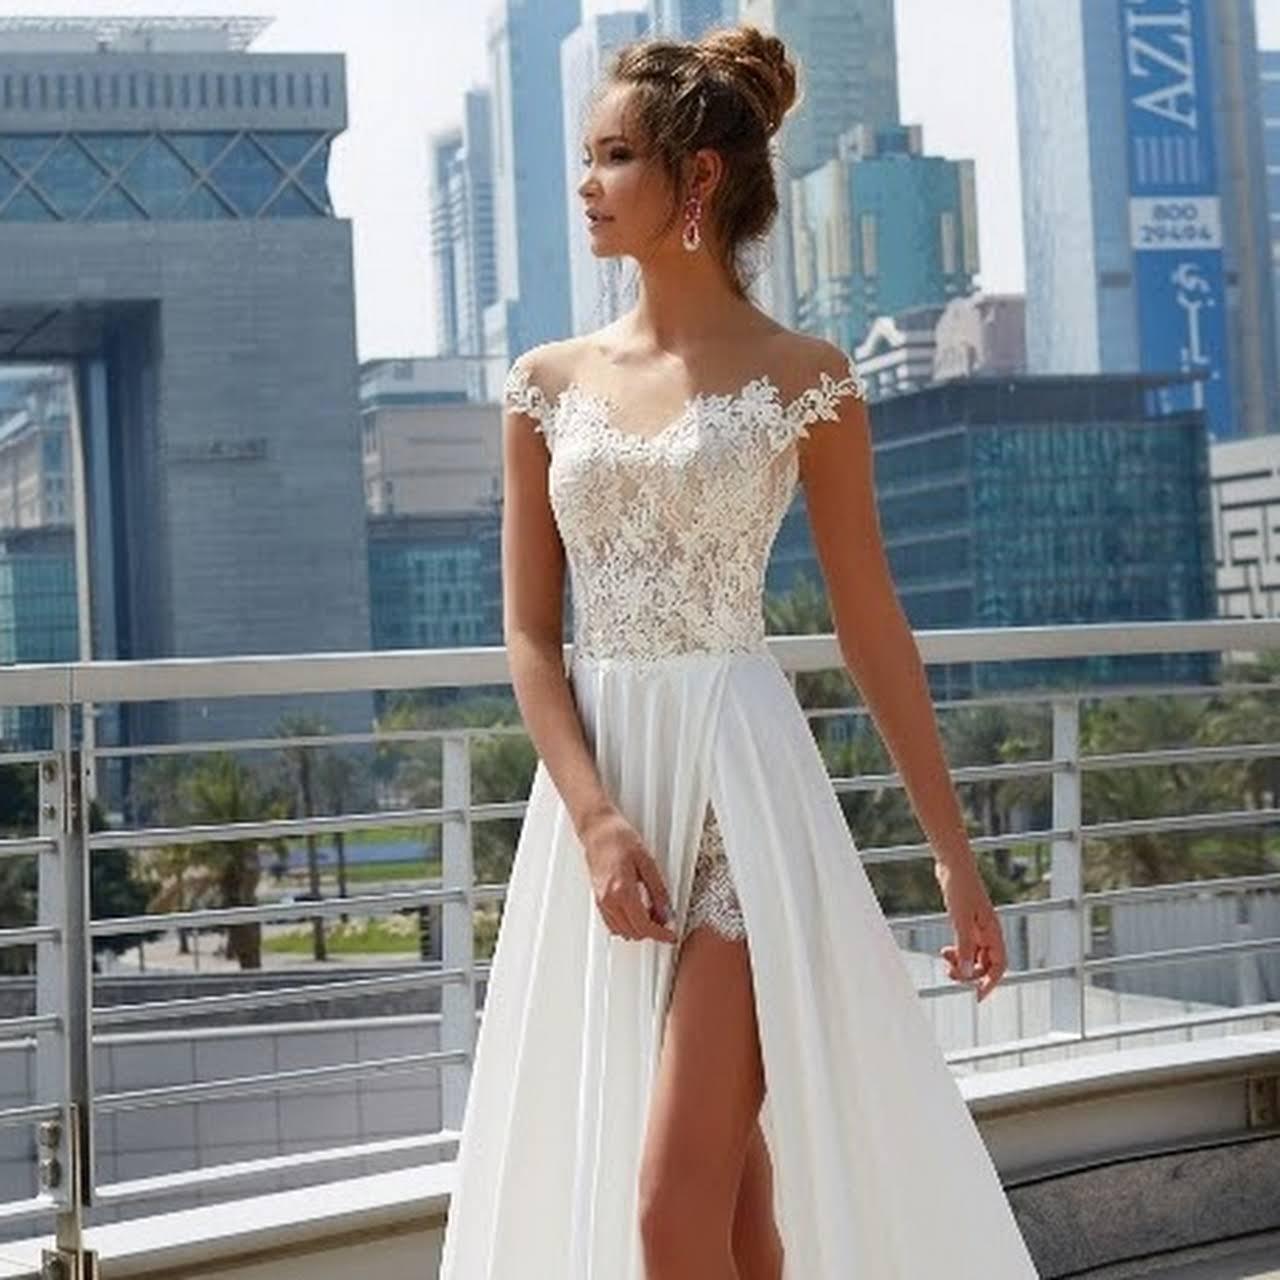 36c9f6685b Opublikowano  2017-08-27. Suknie ślubne kolekcja Lanesta 2018 już dostępna  w salonie Le Mariage ...